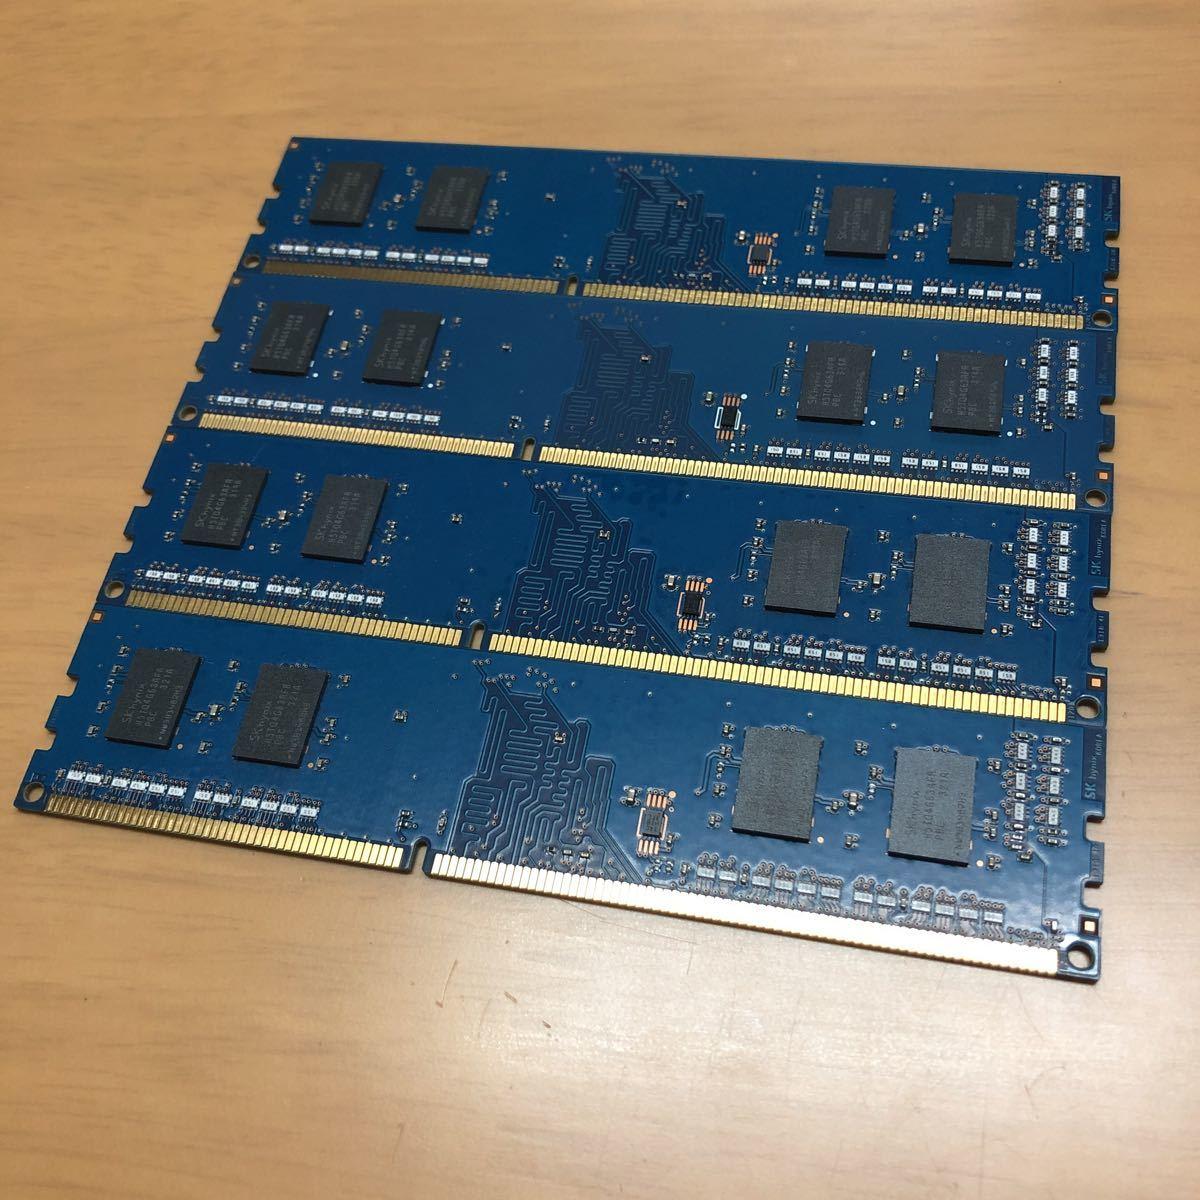 高性能 美品 SK hynix 1Rx16 PC3-12800U-11-12-C1 2GB×4枚 計8GB (DDR3 1600) 片面チップ デスクトップ PCメモリー 完動品_画像7